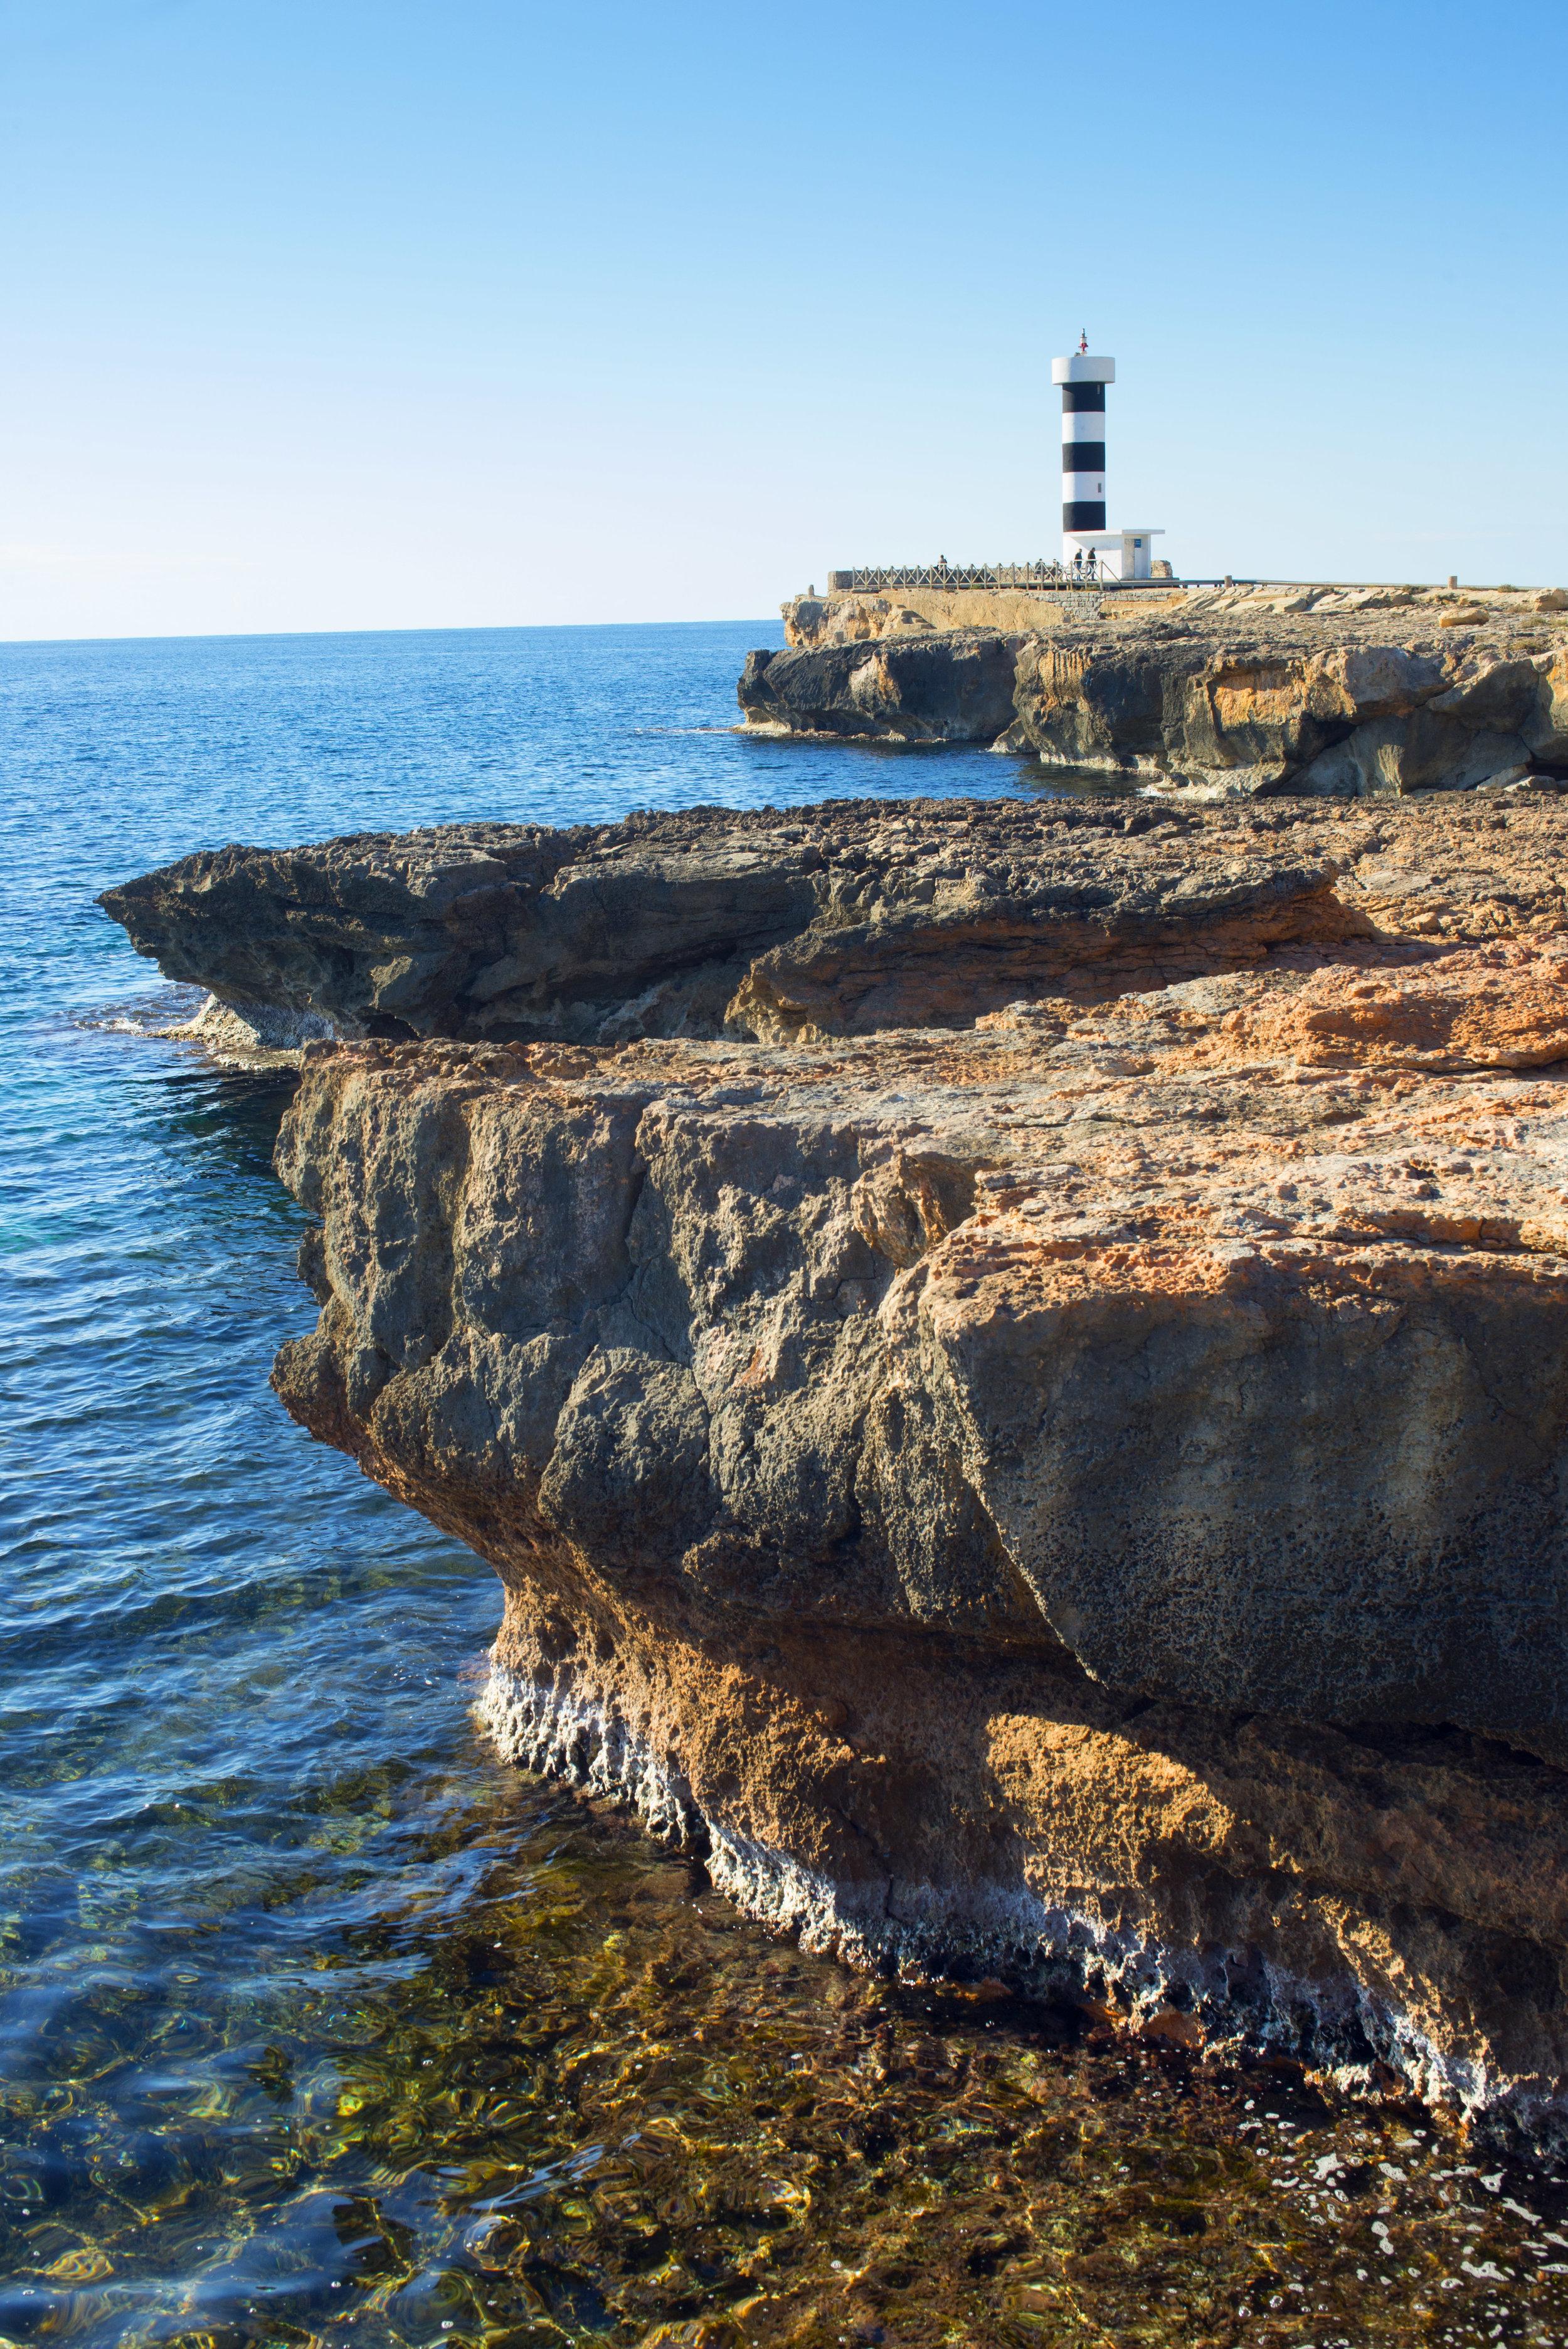 Lighthouse at Ponta de Ses Crest, Mallorca Spain.